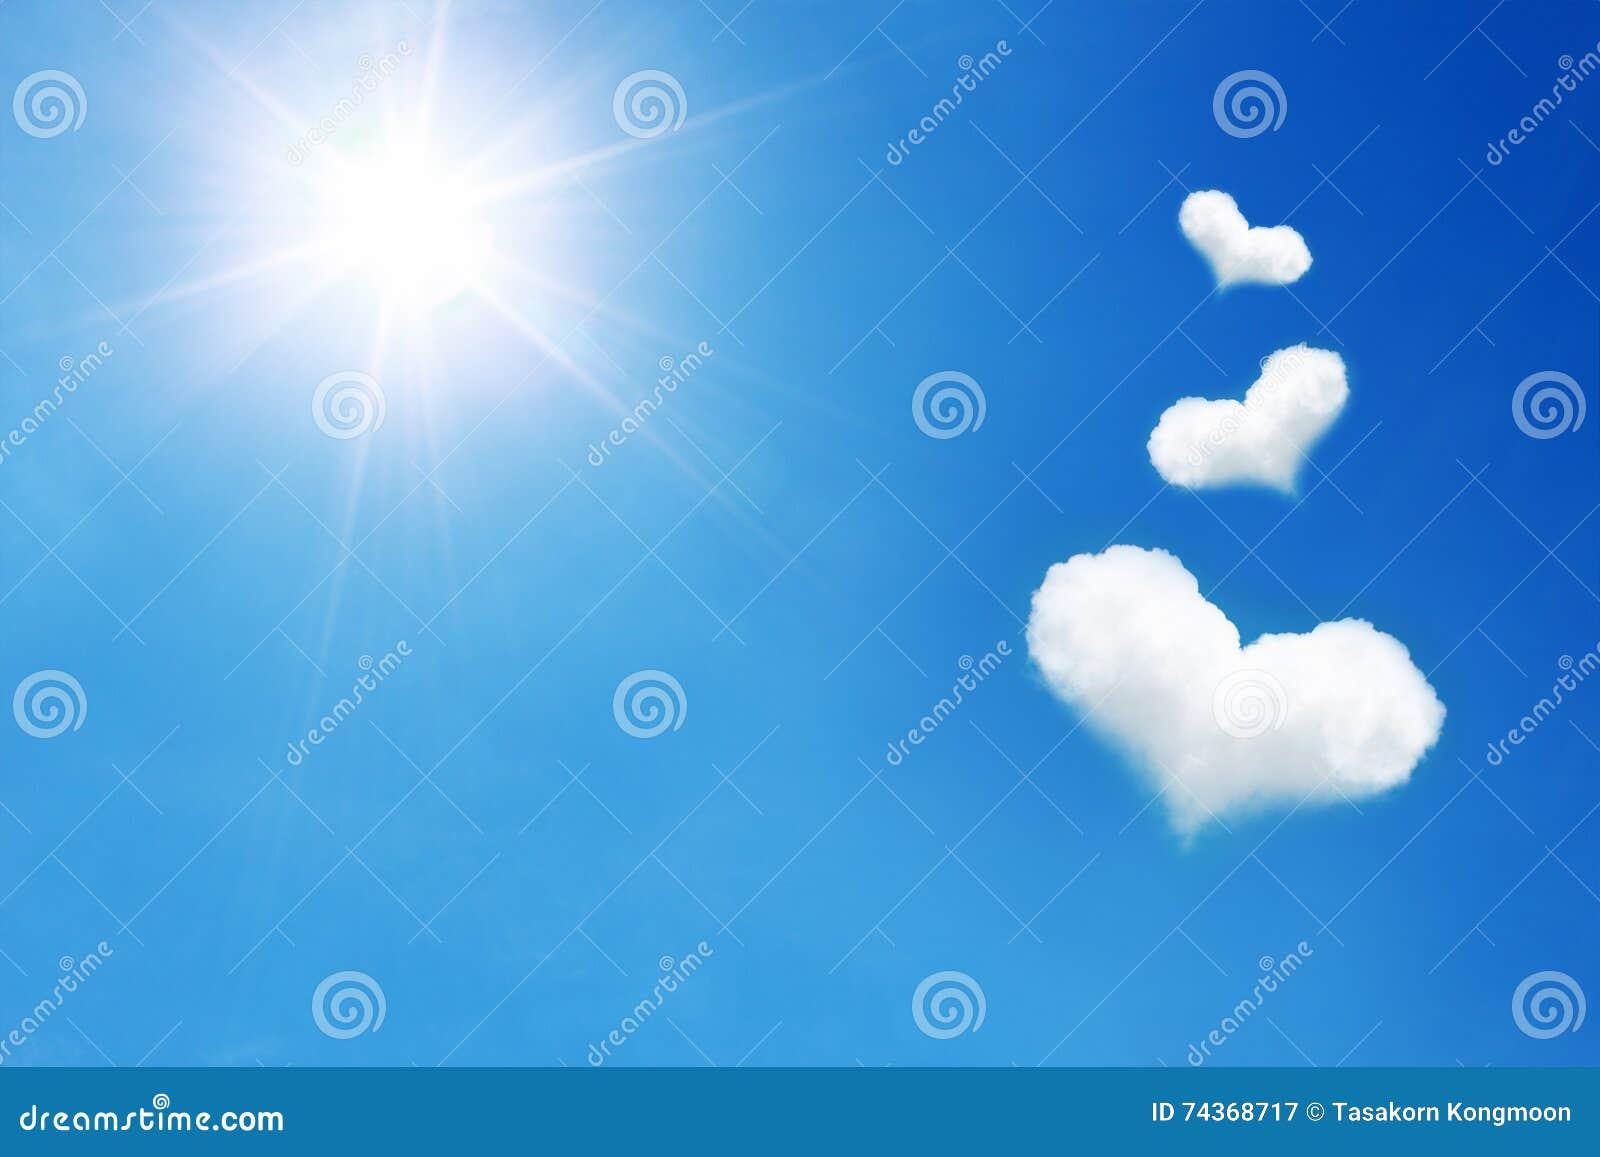 Drie hart gevormde wolk op blauwe hemel met zonneschijn